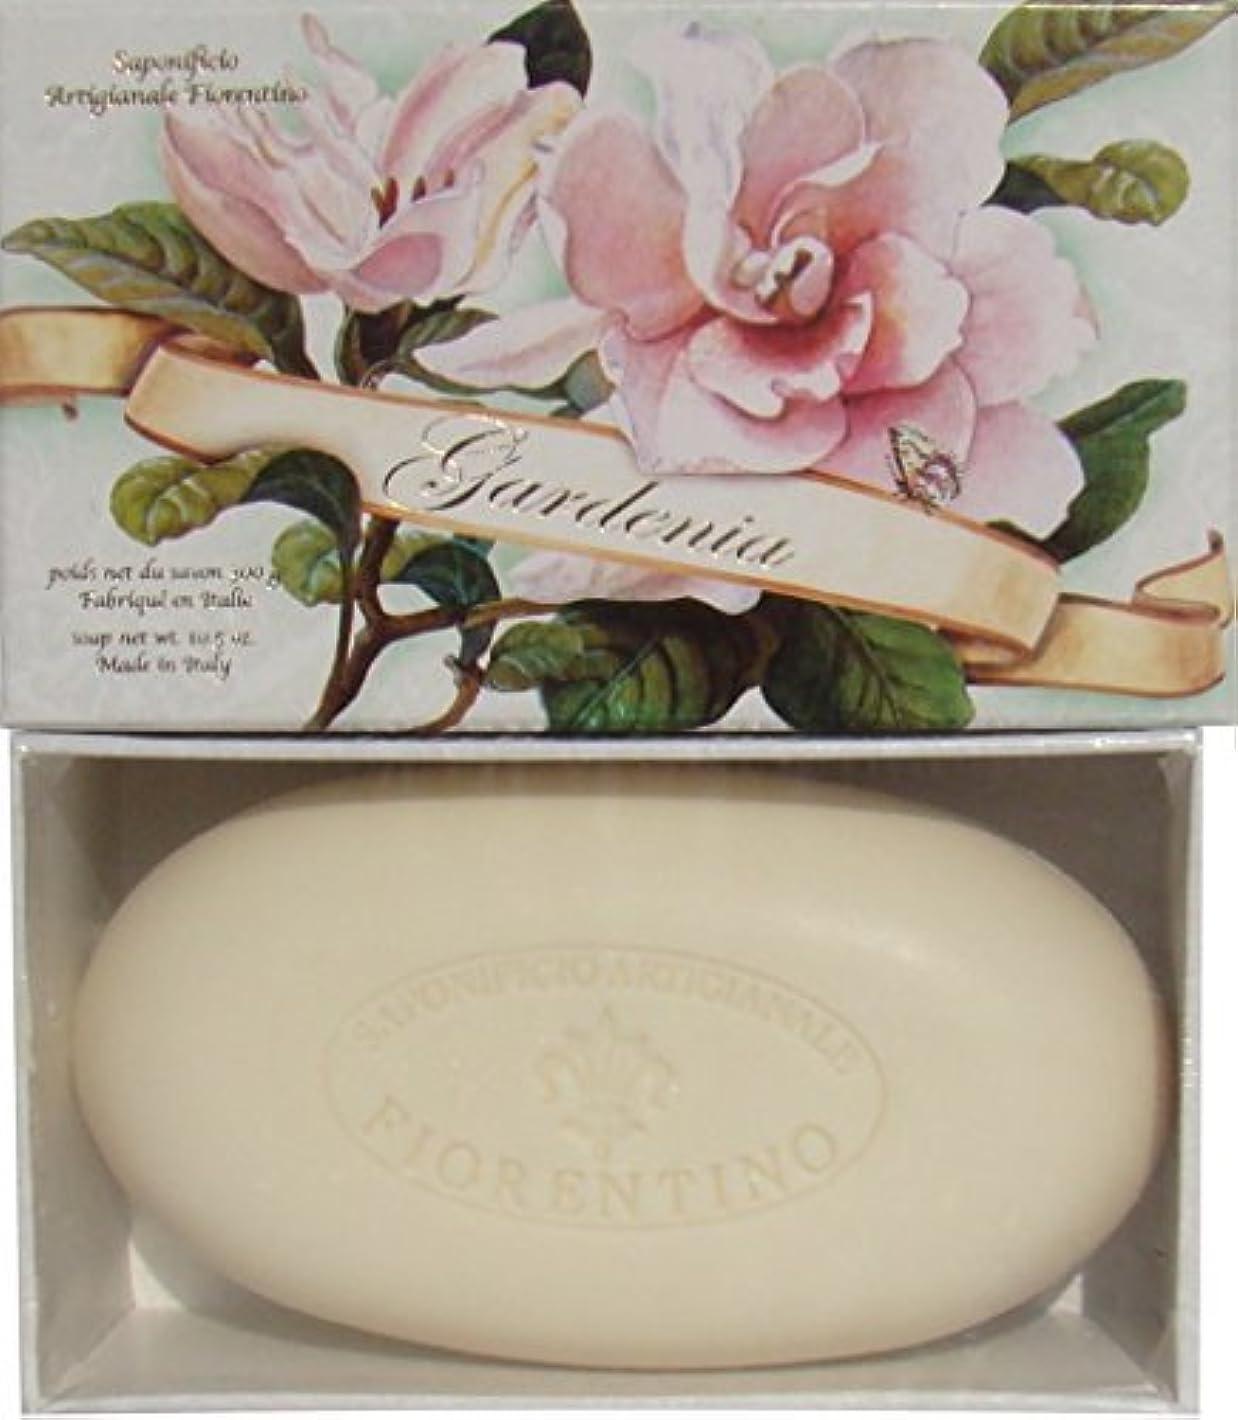 下に向けます光景アラバマItalian Hand Made Gardenia Scented Soap [並行輸入品]